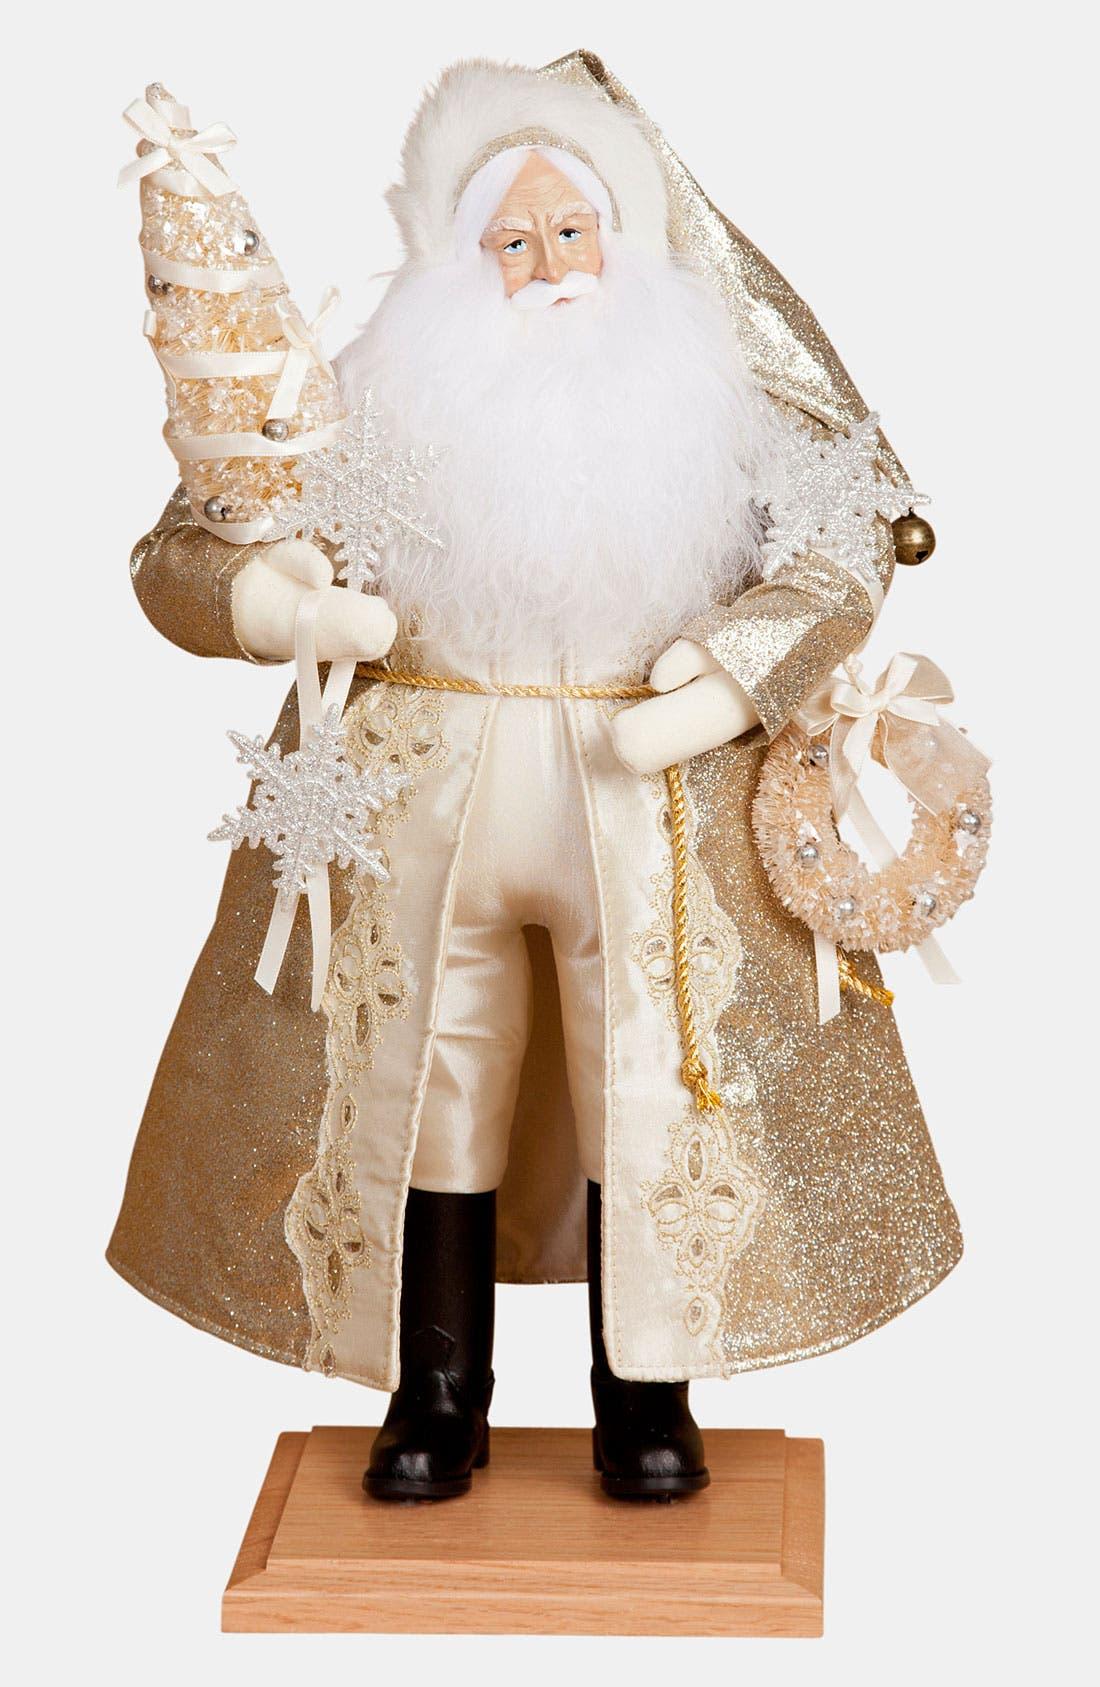 Alternate Image 1 Selected - Lynn Haney 'Golden Glimmer' Santa Figurine